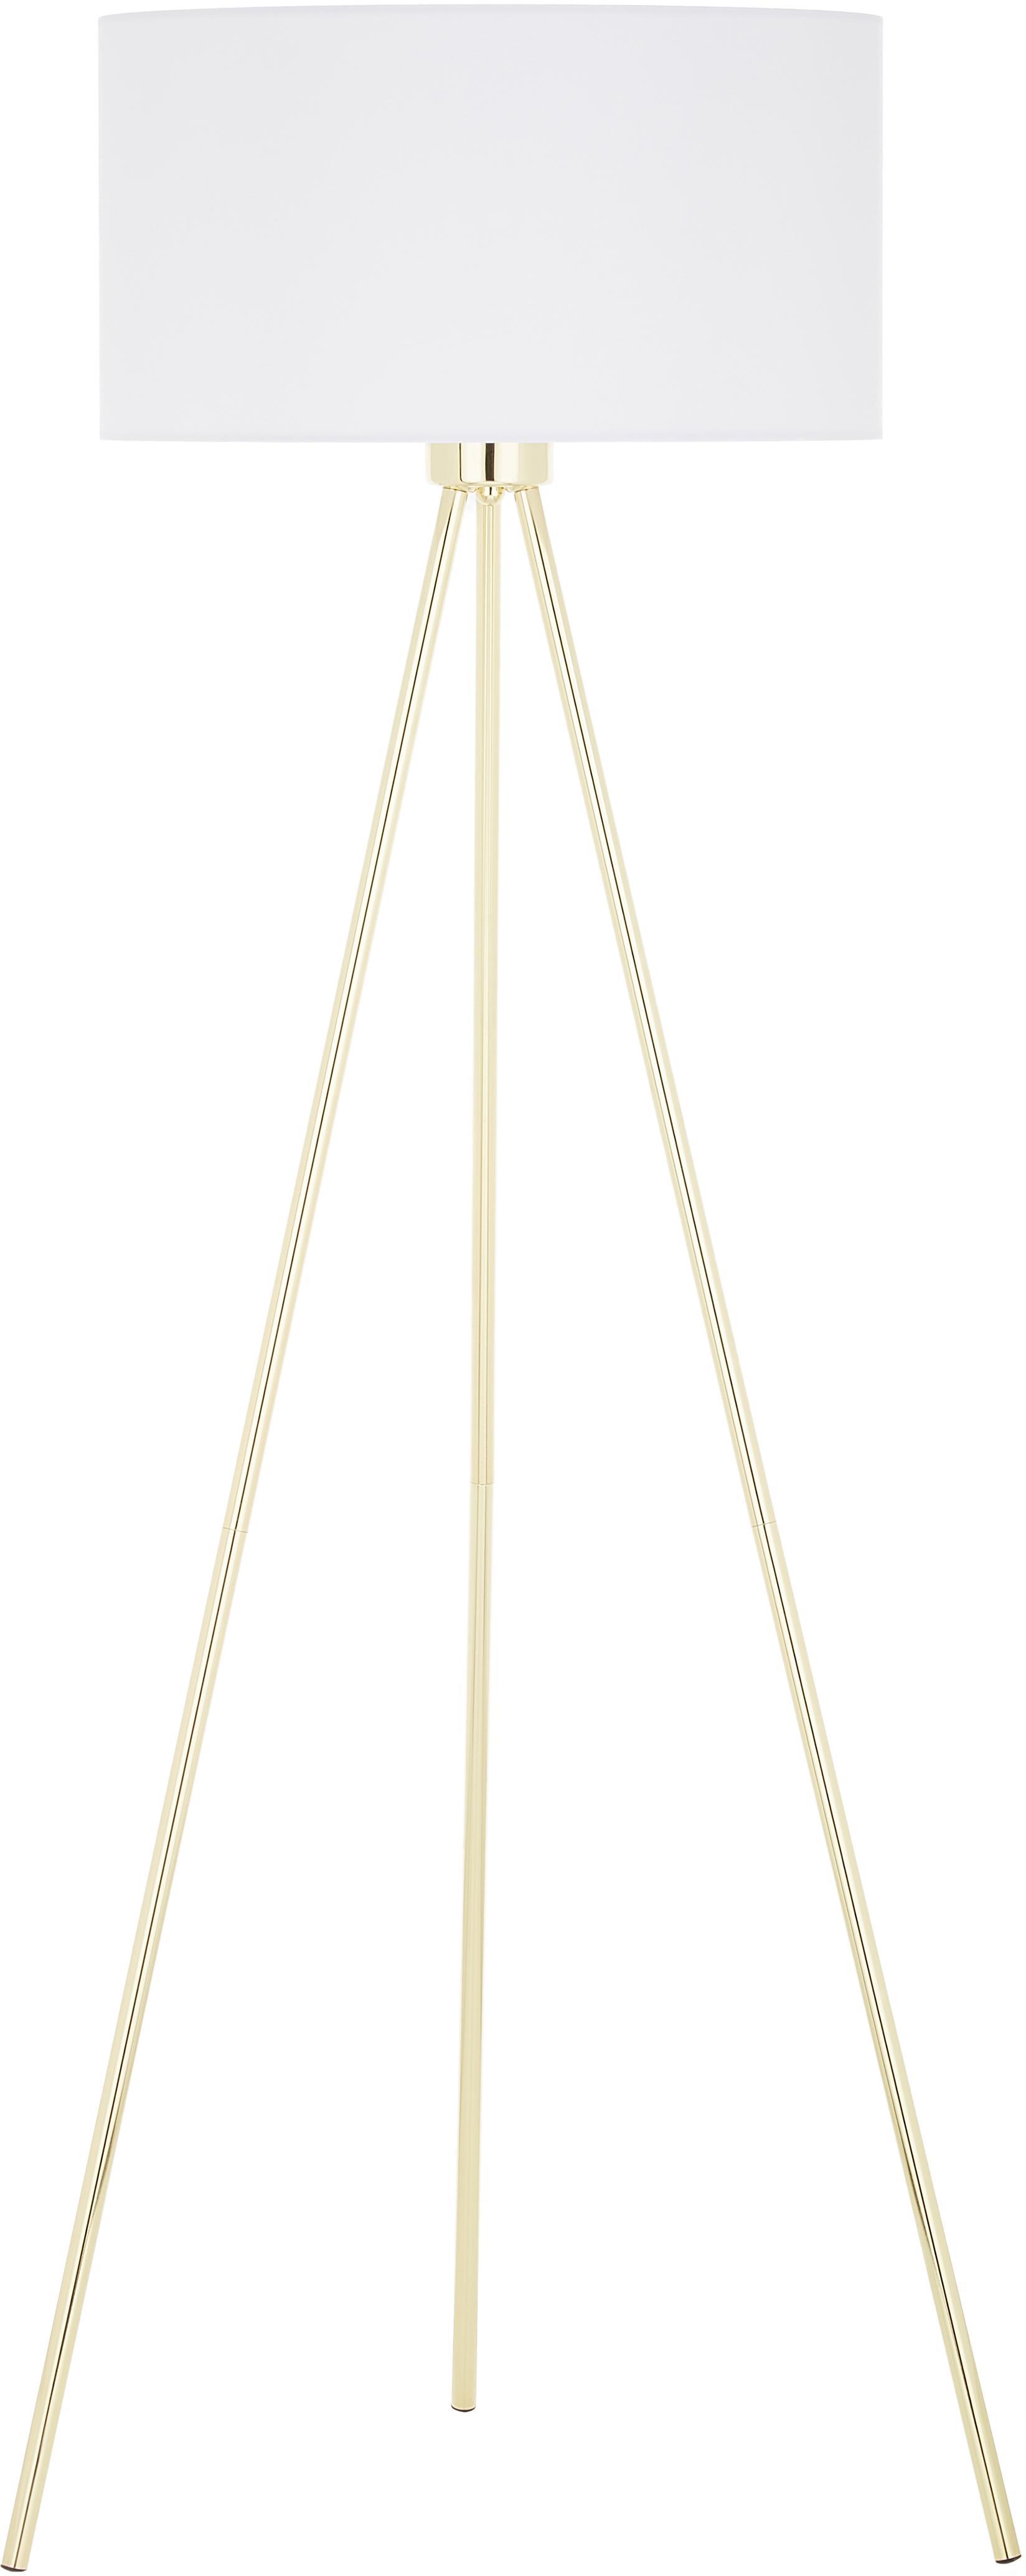 Lámpara de pie Cella, Pantalla: algodón, Dorado, brillante, blanco, Ø 45 x Al 148 cm